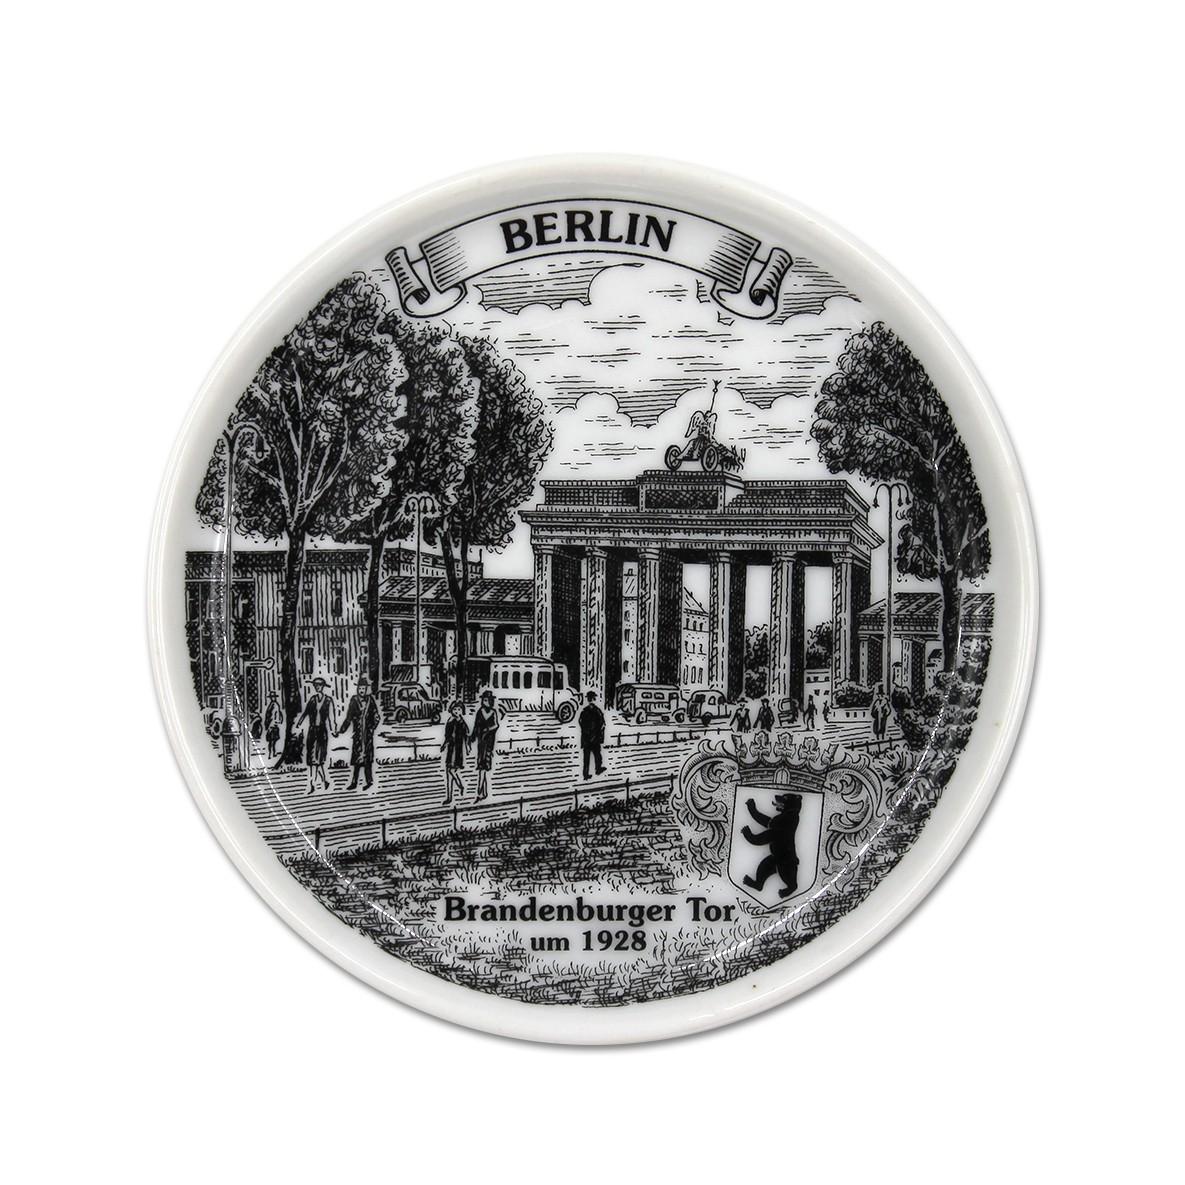 Untersetzer Porzellan s/w BT um 1928 Berlin weiß